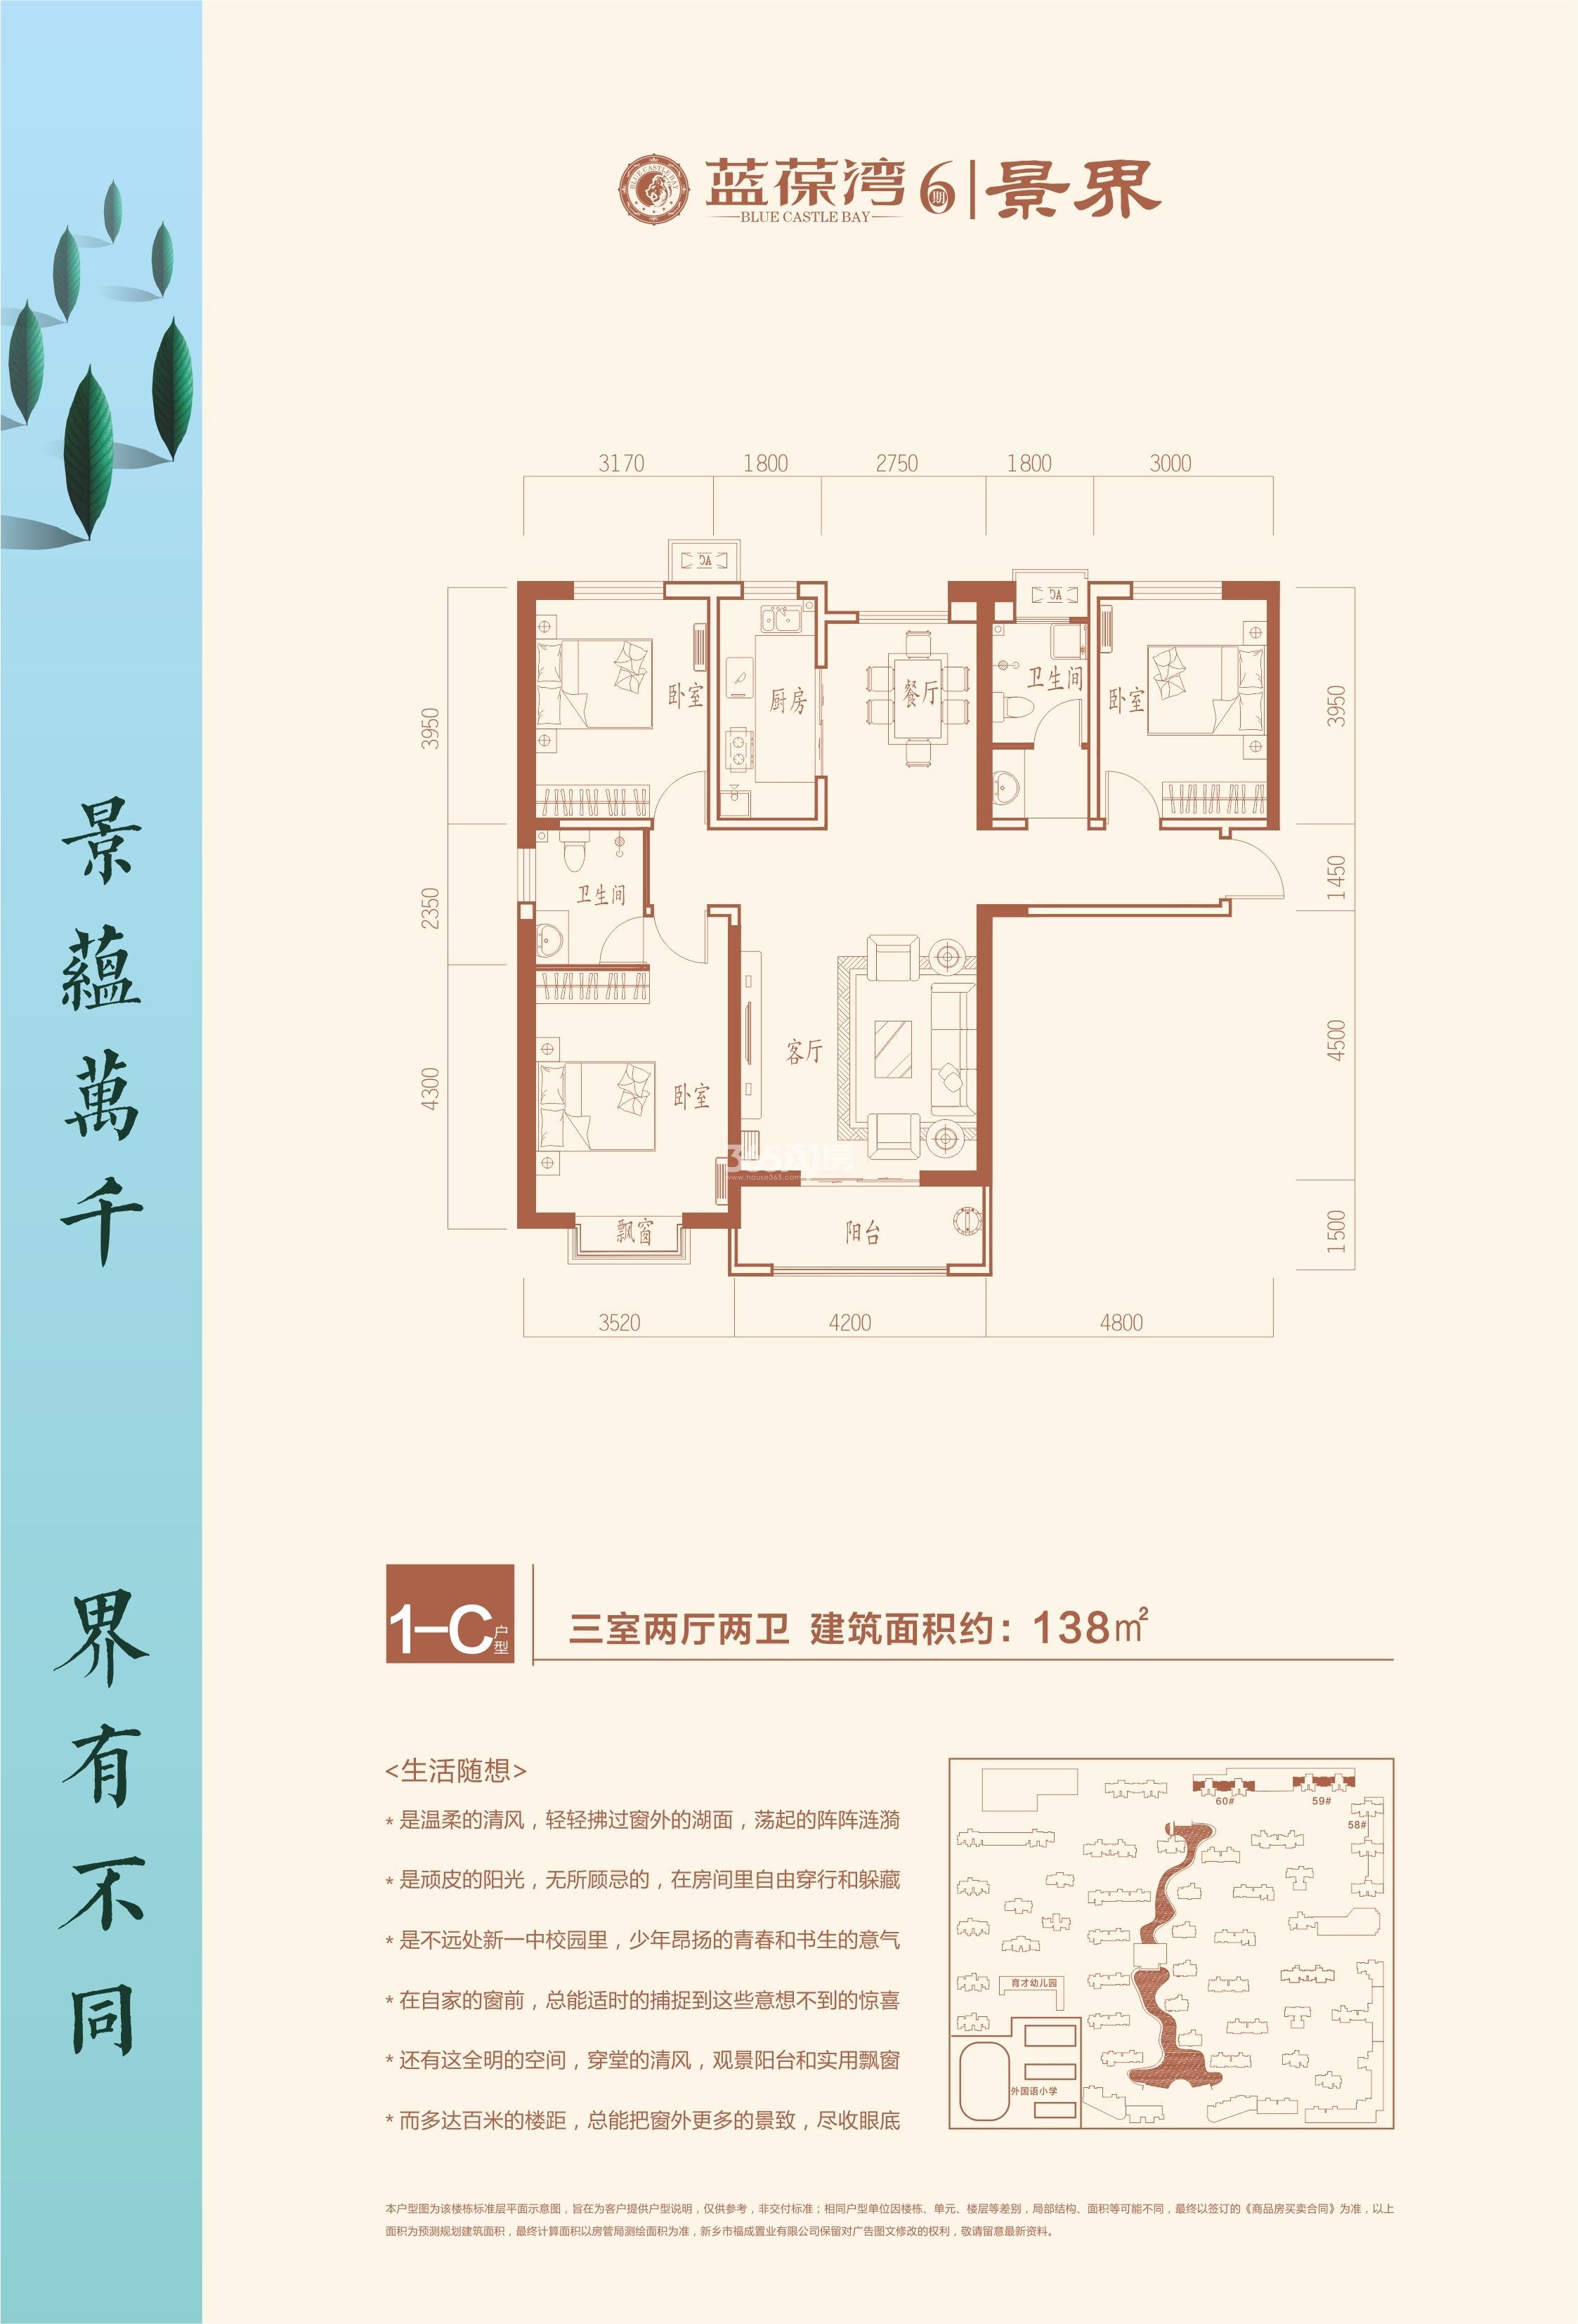 百福蓝葆湾户型图